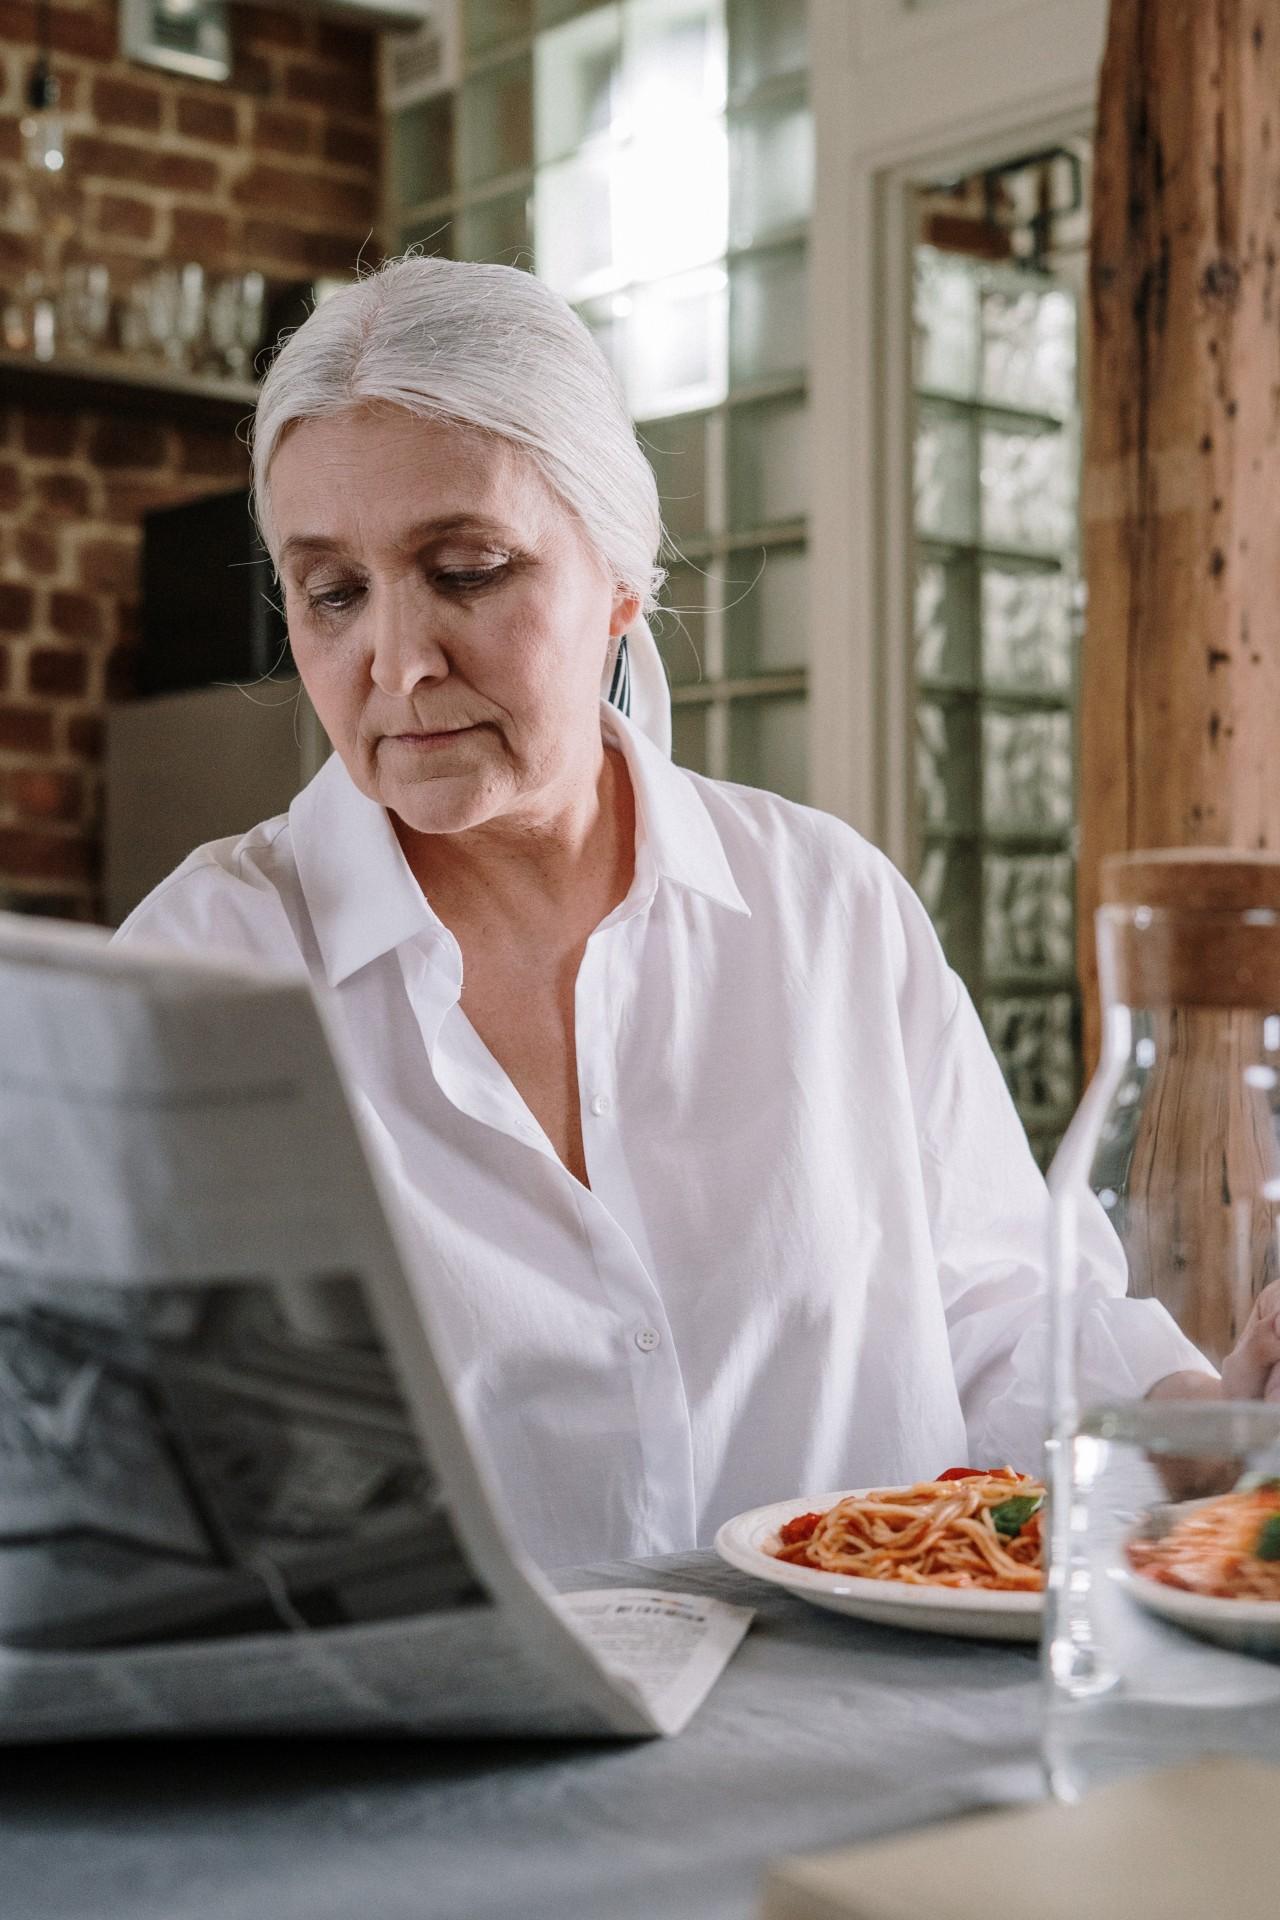 Presbicia y cataratas: dos males que afectan la calidad de vida